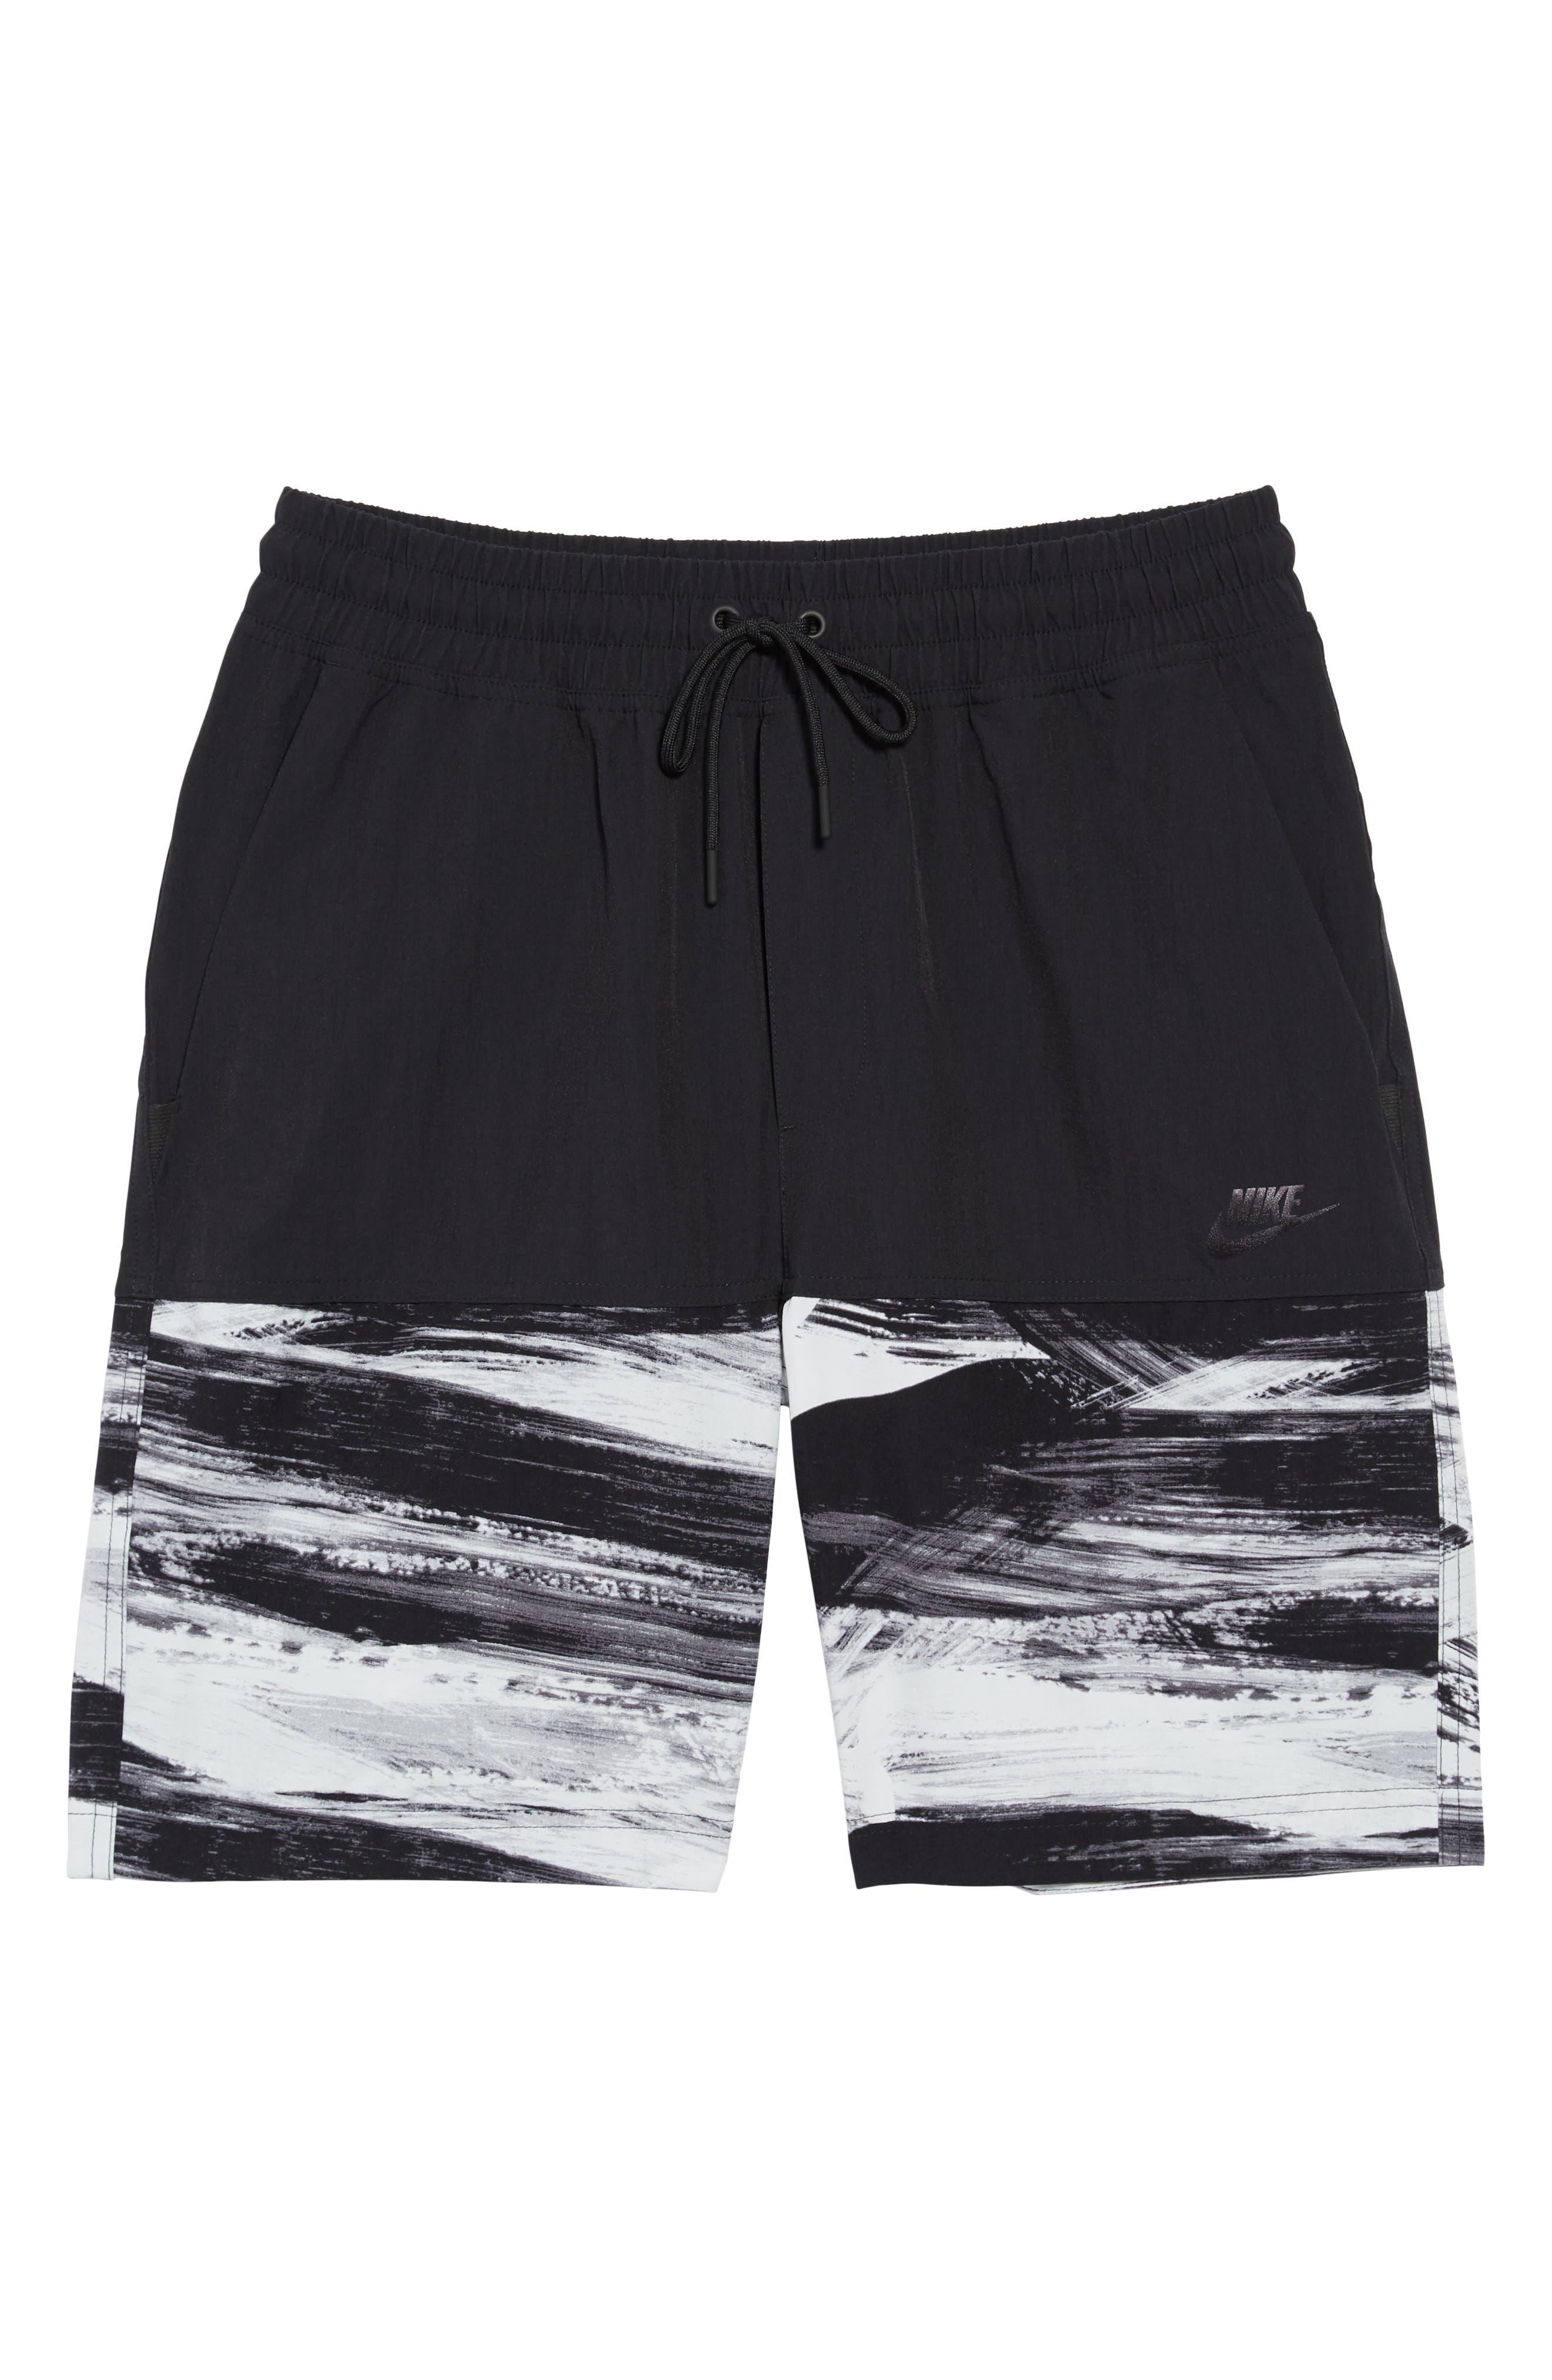 NSW Franchise GX1 Shorts,                             Alternate thumbnail 6, color,                             Black/ Black